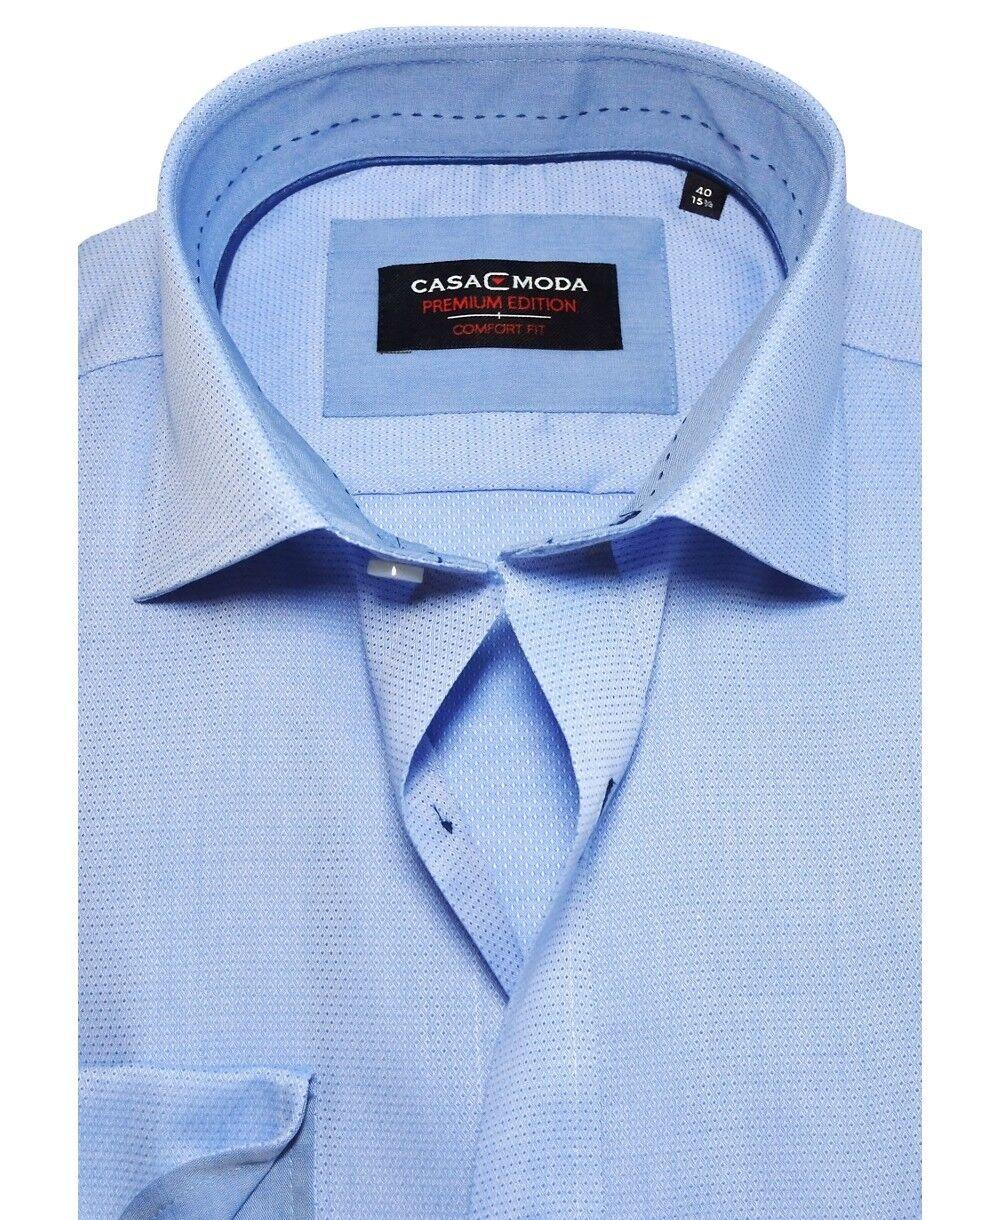 Casa Moda Comfort Fit Premium Langarmhemd blau mit feiner Struktur Struktur Struktur Gr. 40 bis 54  | Deutsche Outlets  58b642